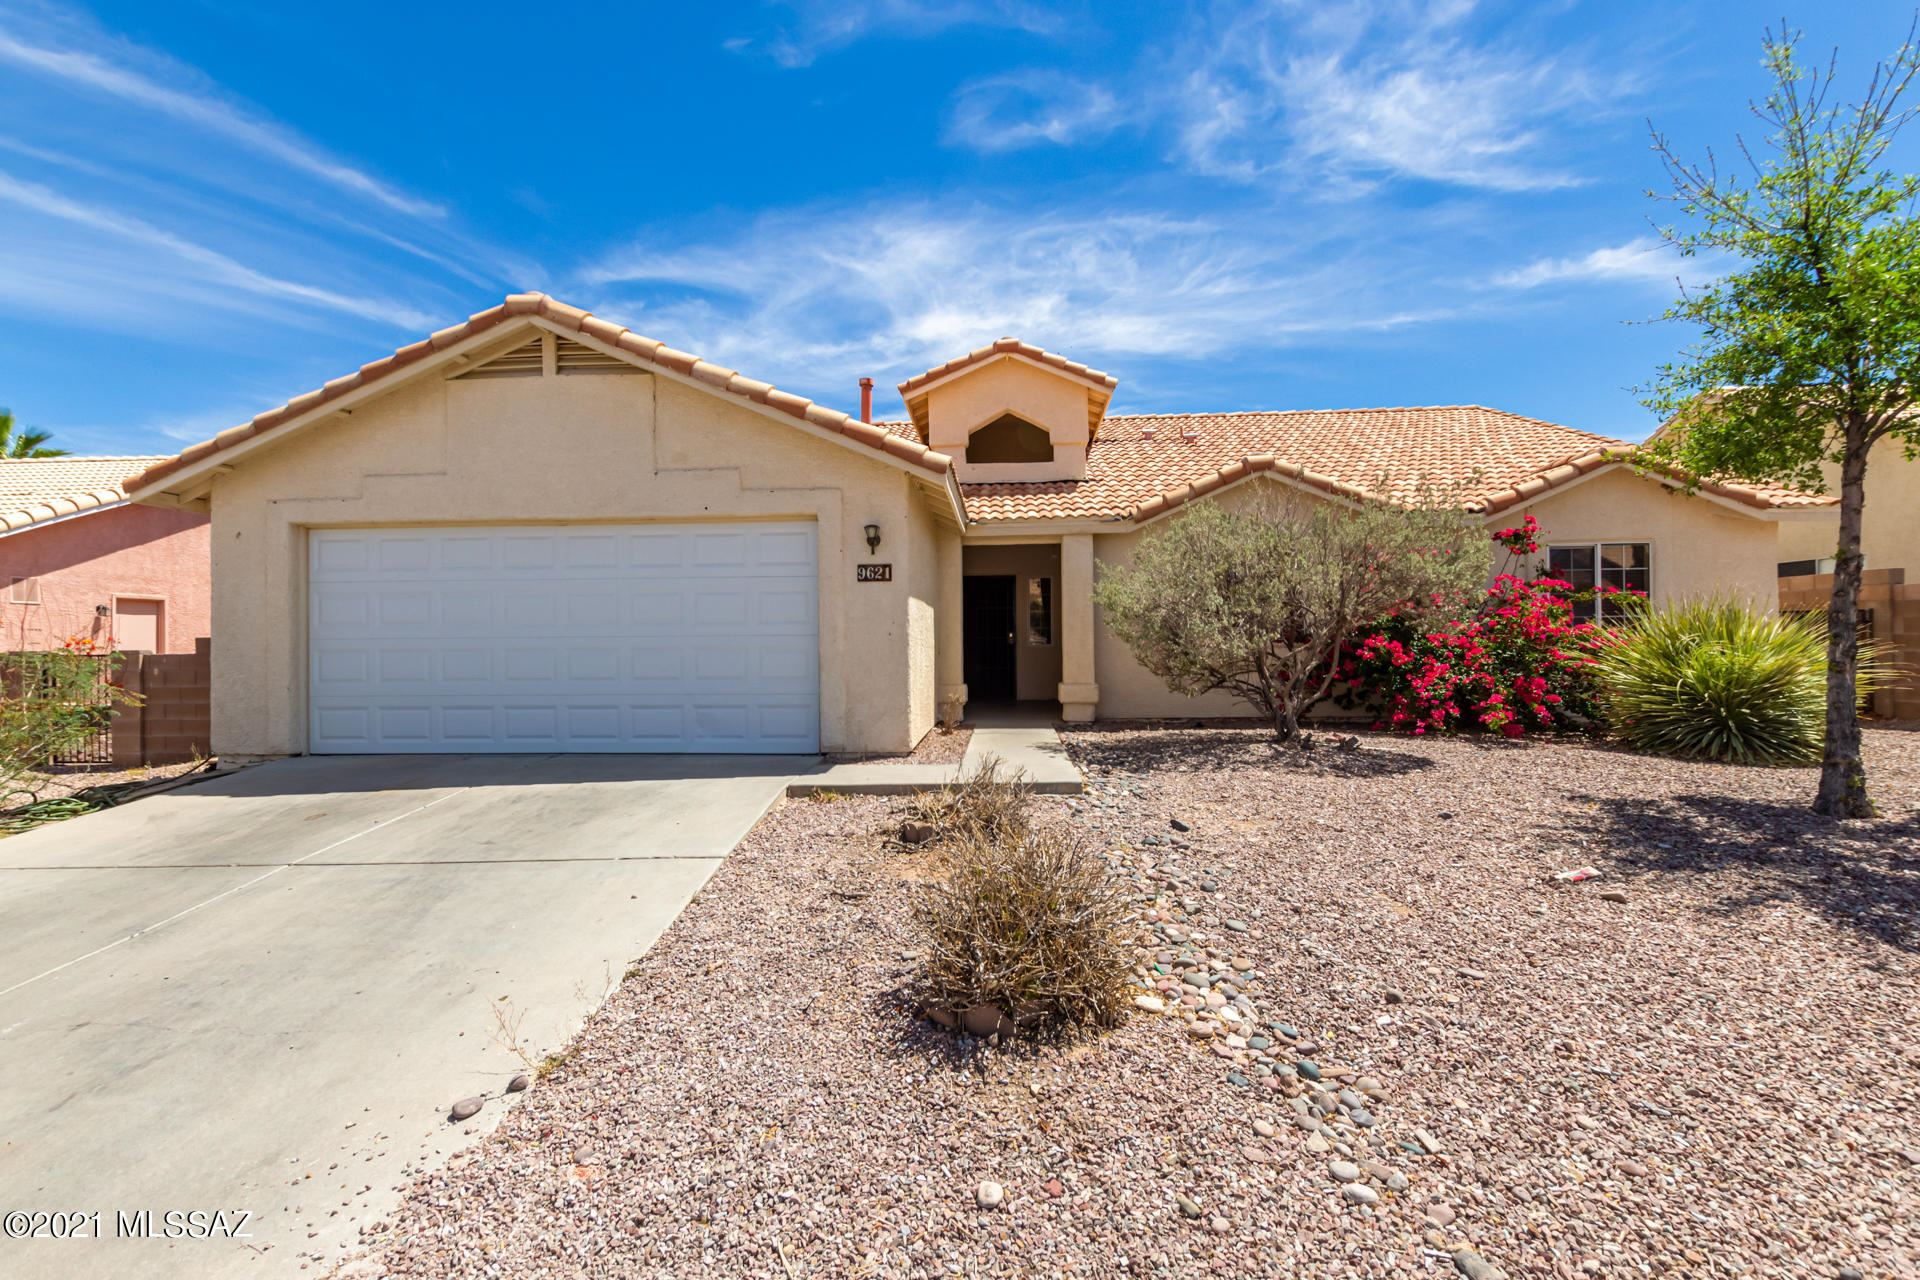 9621 E Paseo Del Tornasol, Tucson, AZ 85747 - MLS#: 22115314